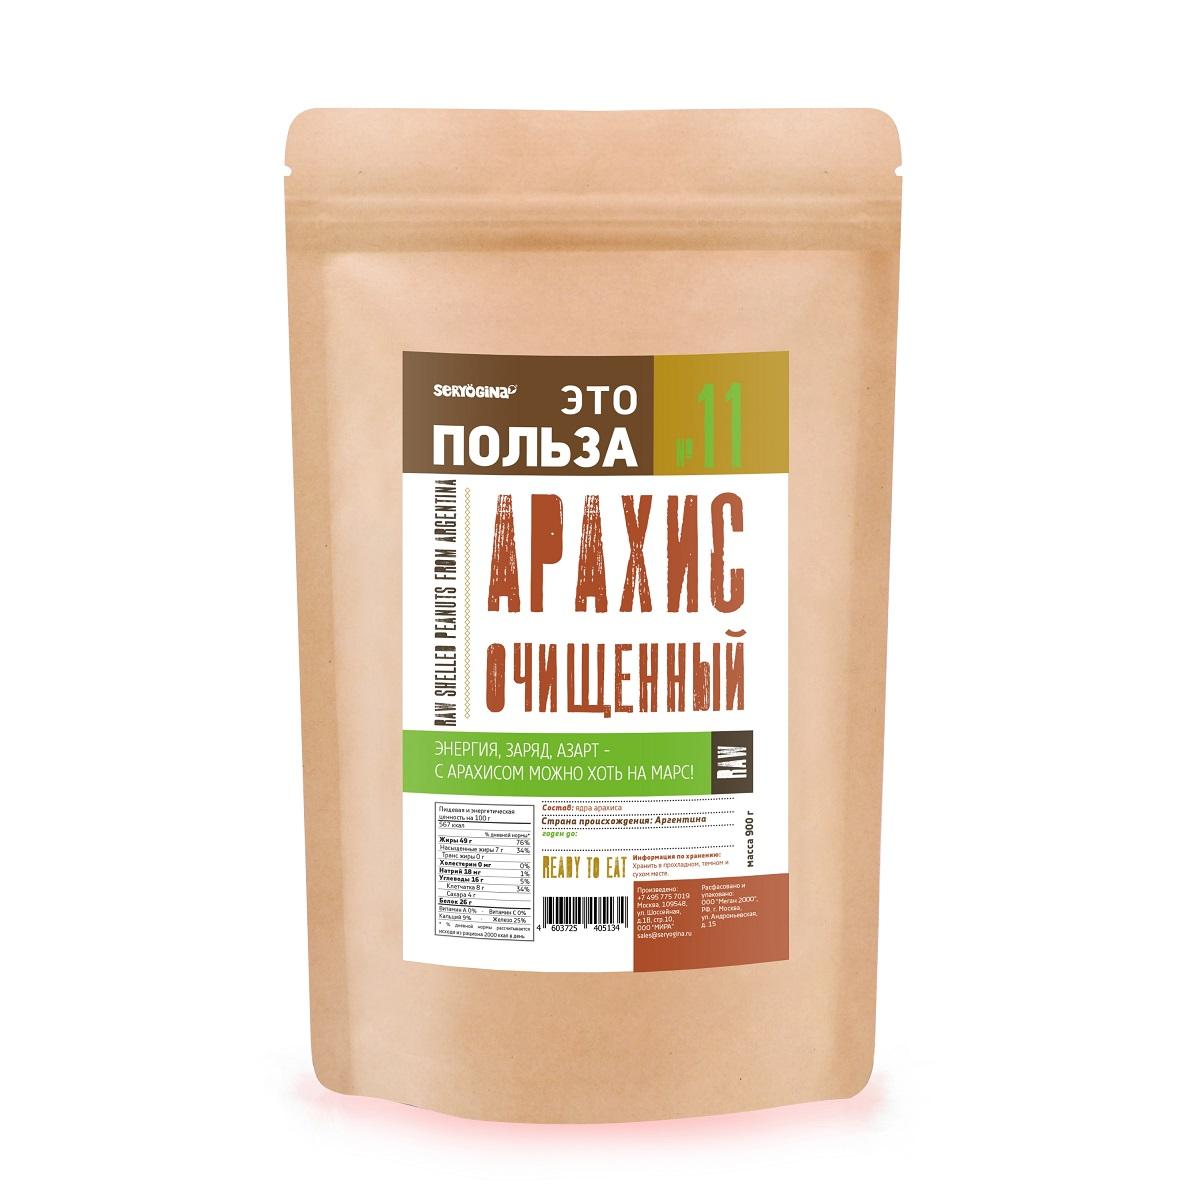 Seryogina арахис нежареный несоленый очищенный, 900 г2534Самый популярный орешек в мире, с anti-age эффектом